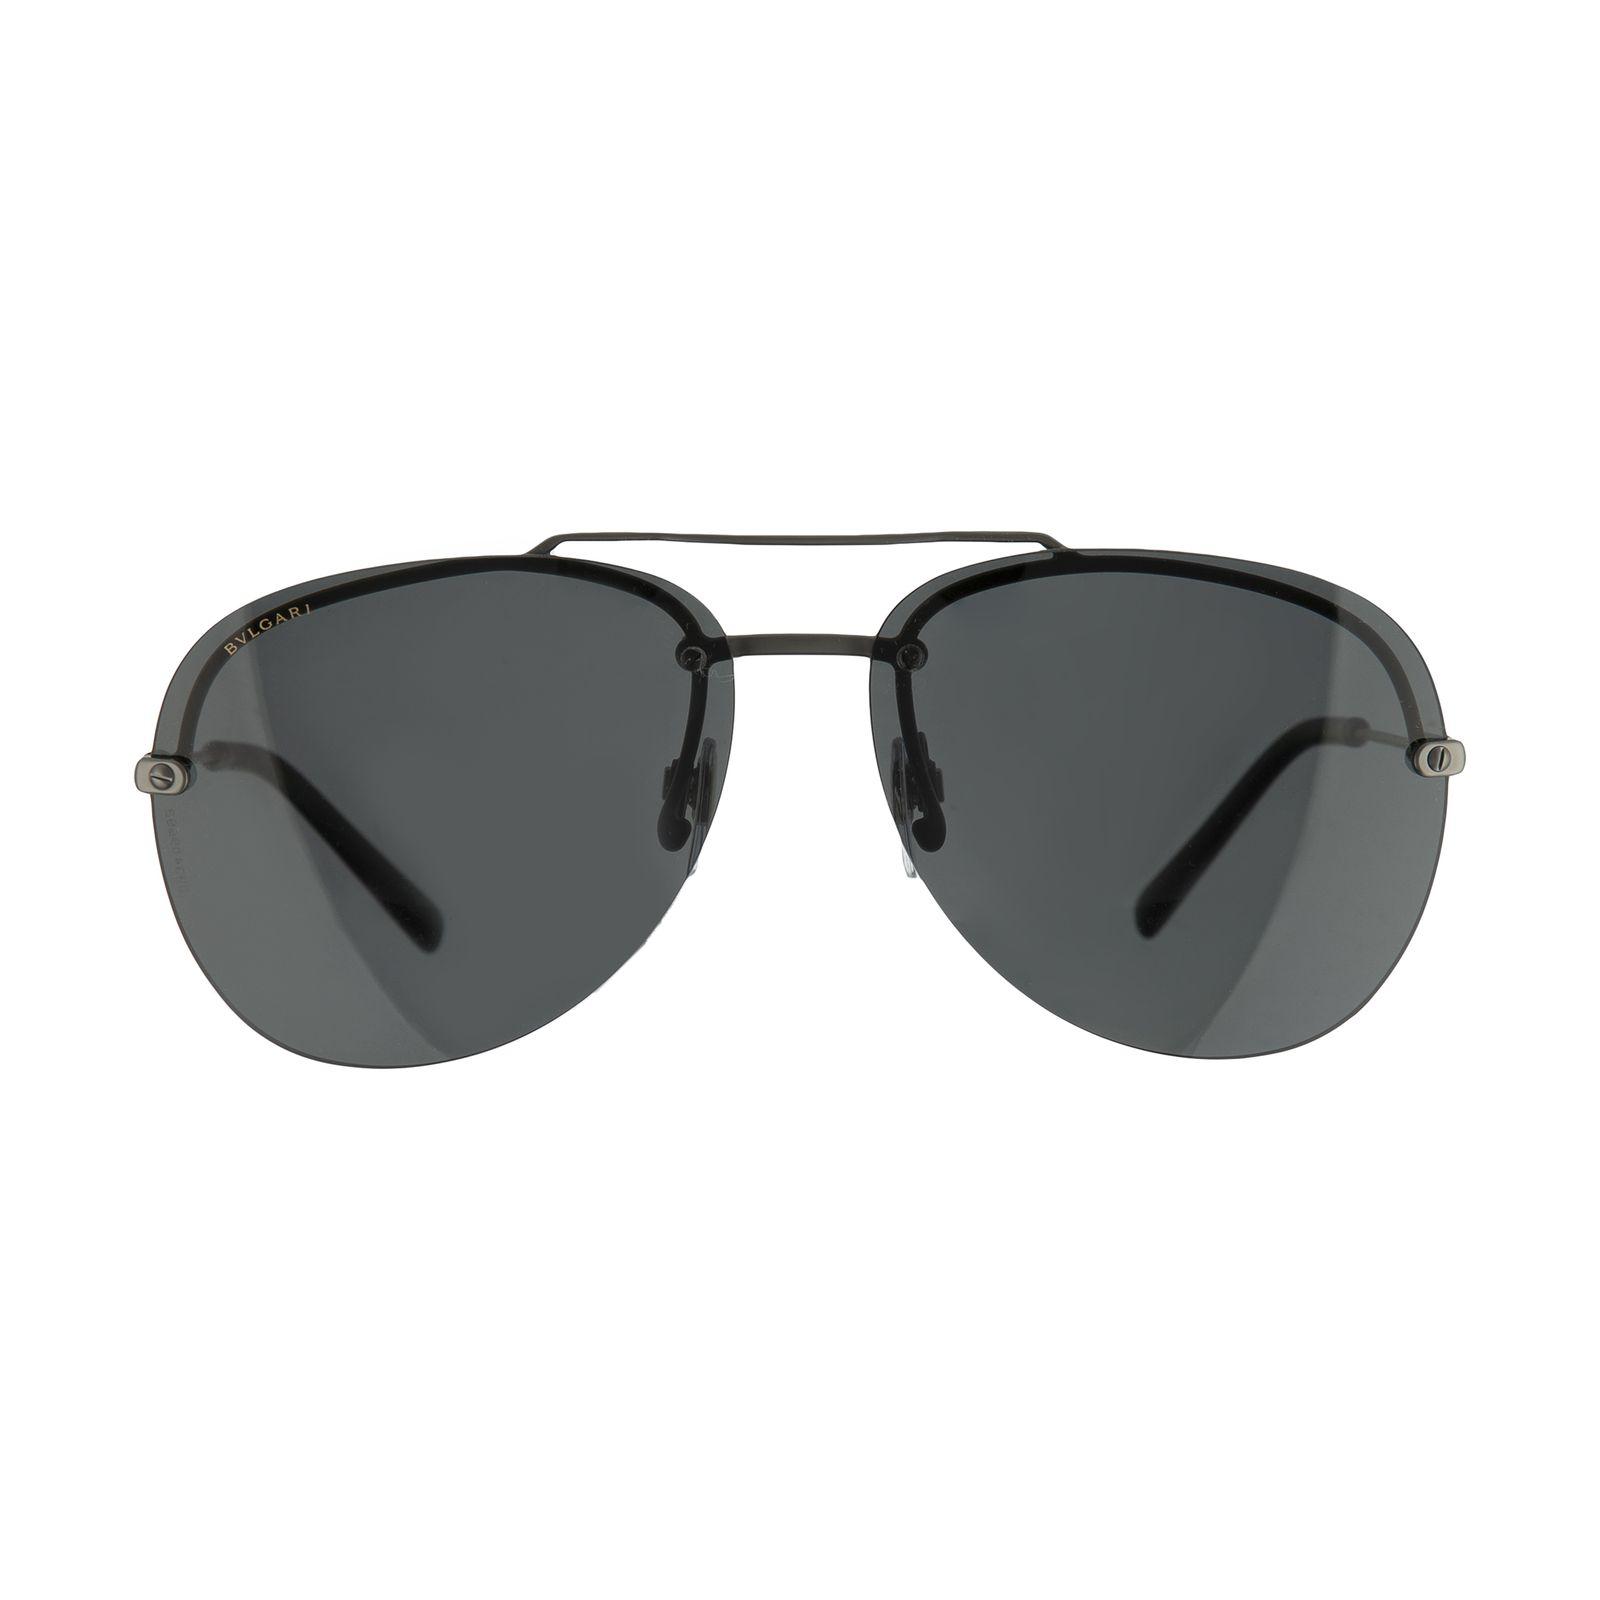 عینک آفتابی مردانه بولگاری مدل BV5044S 19581 -  - 2